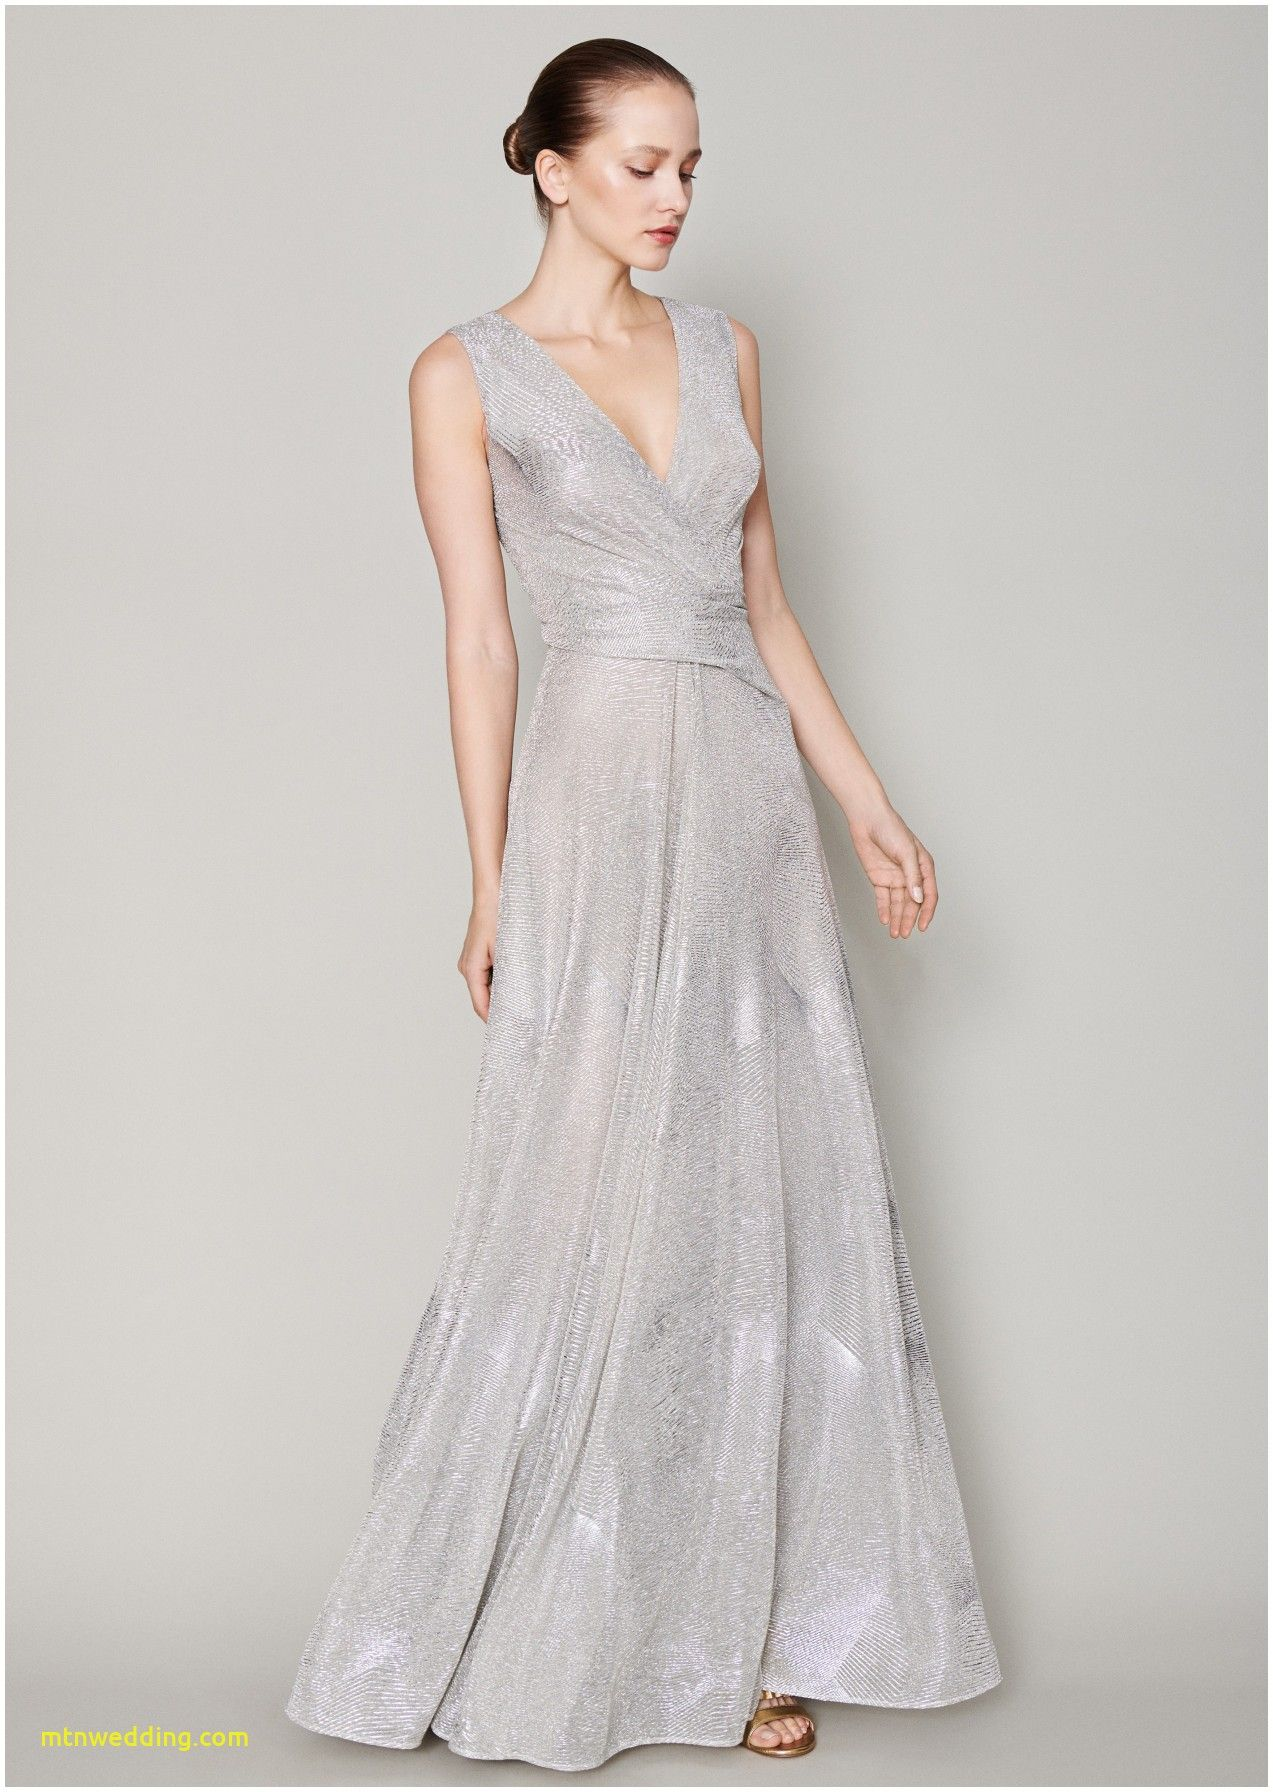 Superb Silver Dress For Wedding Guest Short Wedding Dress Grey Wedding Guest Outfits Silver Wedding Dress [ 1792 x 1273 Pixel ]